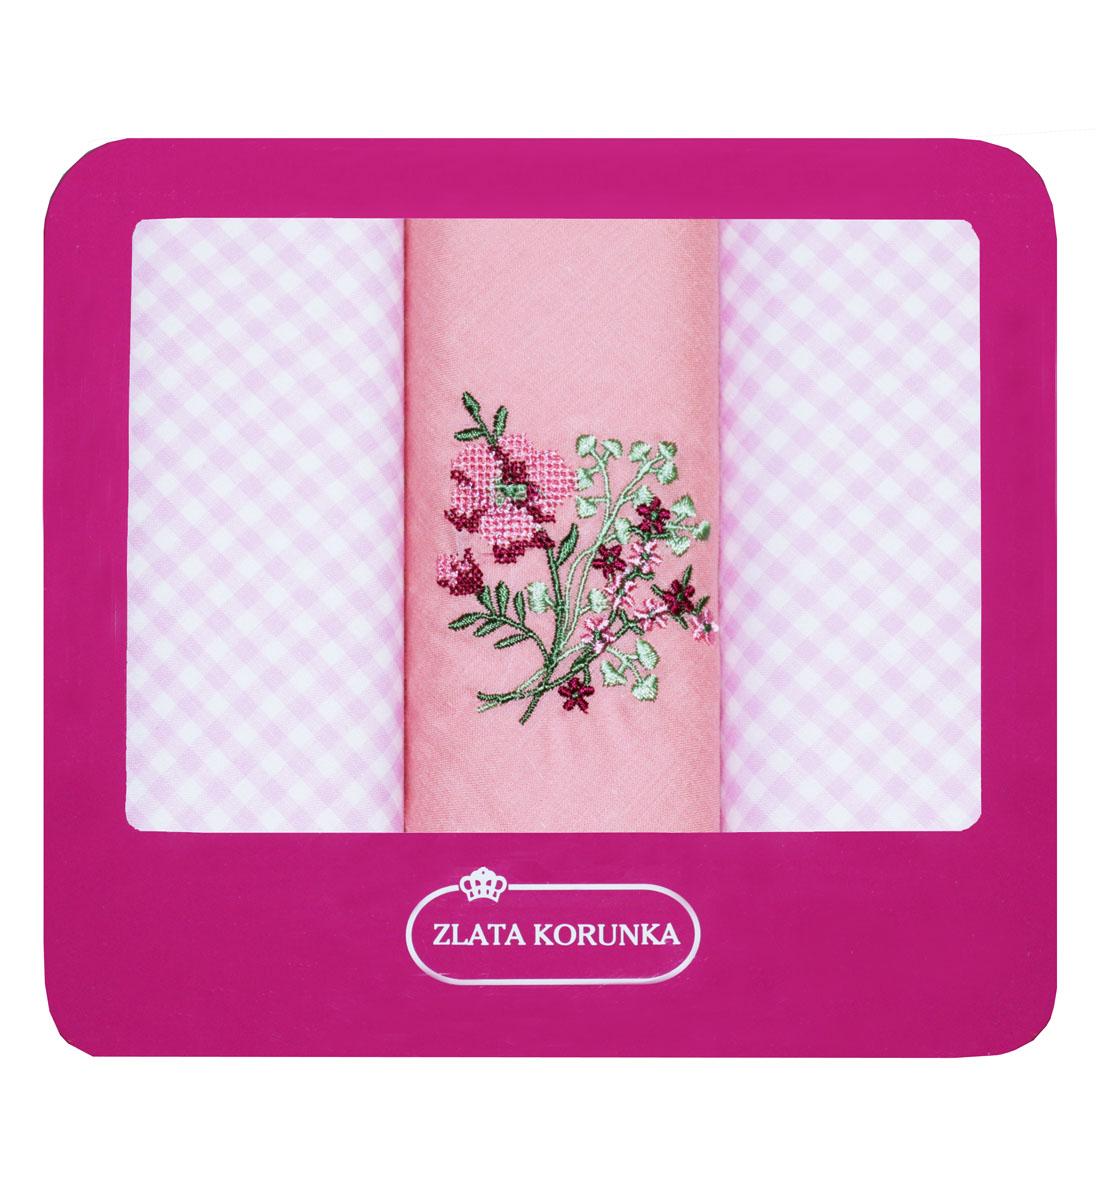 Платок носовой женский Zlata Korunka, цвет: розовый, 3 шт. 90330-13. Размер 29 см х 29 см90330-13Небольшой женский носовой платок Zlata Korunka изготовлен из высококачественного натурального хлопка, благодаря чему приятен в использовании, хорошо стирается, не садится и отлично впитывает влагу. Практичный и изящный носовой платок будет незаменим в повседневной жизни любого современного человека. Такой платок послужит стильным аксессуаром и подчеркнет ваше превосходное чувство вкуса. В комплекте 3 платка.